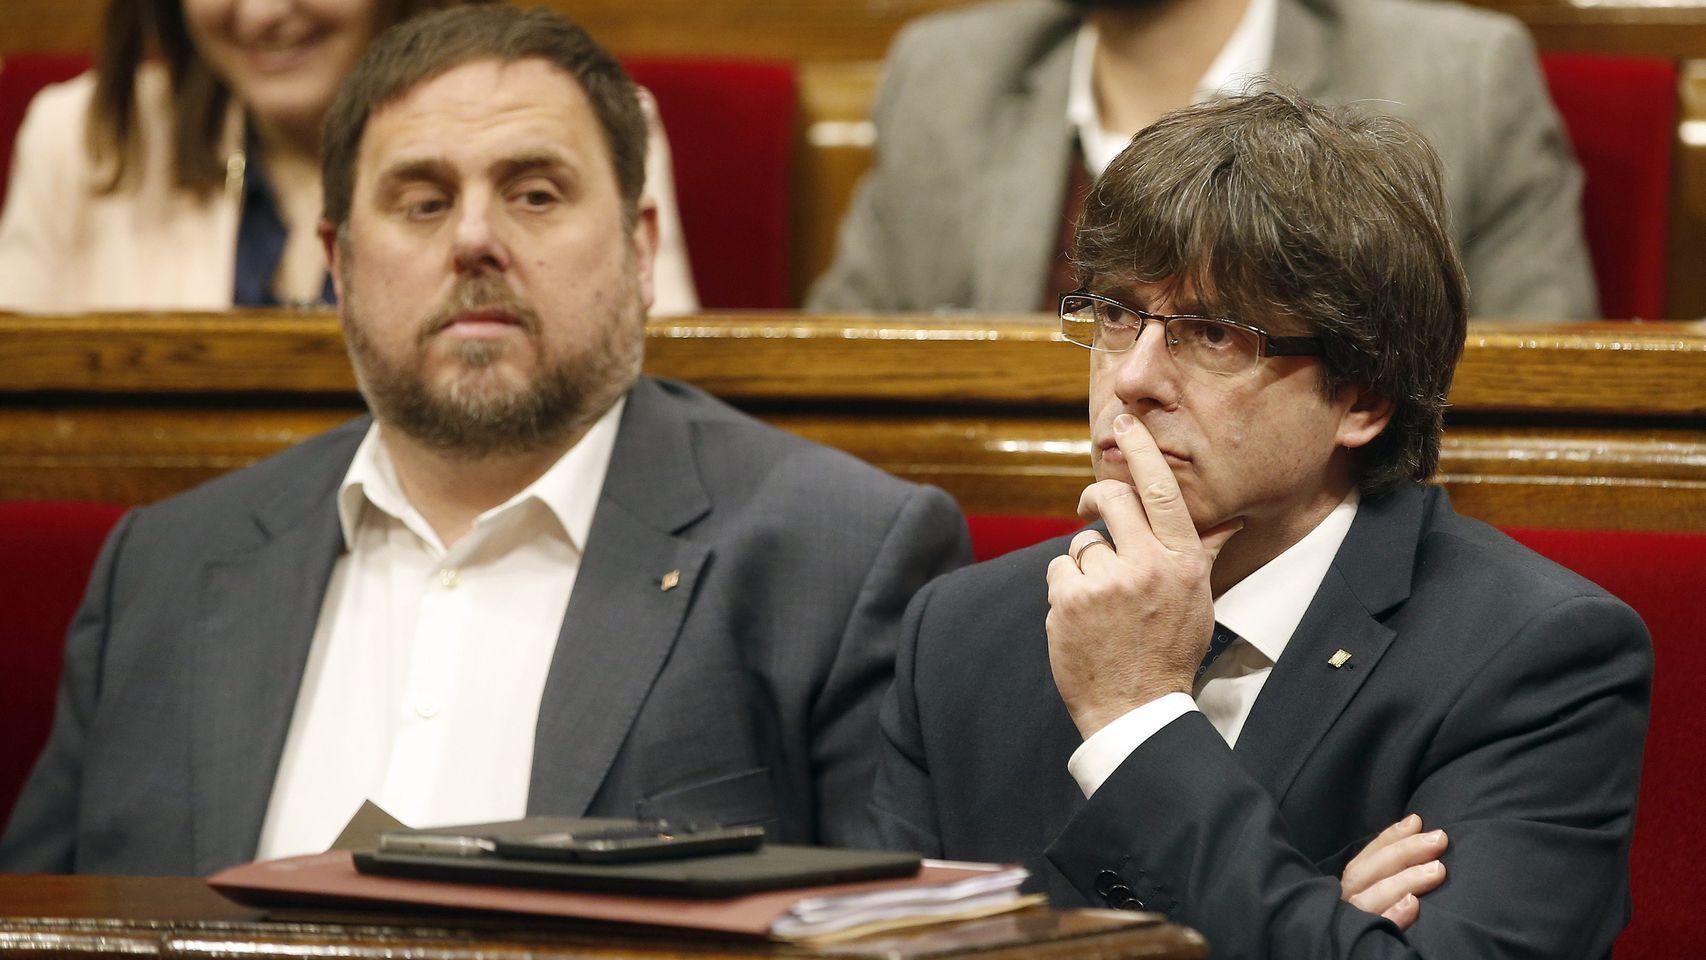 """La """"asfixia financiera"""" de Cataluña tiene dos caras y muchos caraduras: 242 cargos cobran más que Rajoy"""